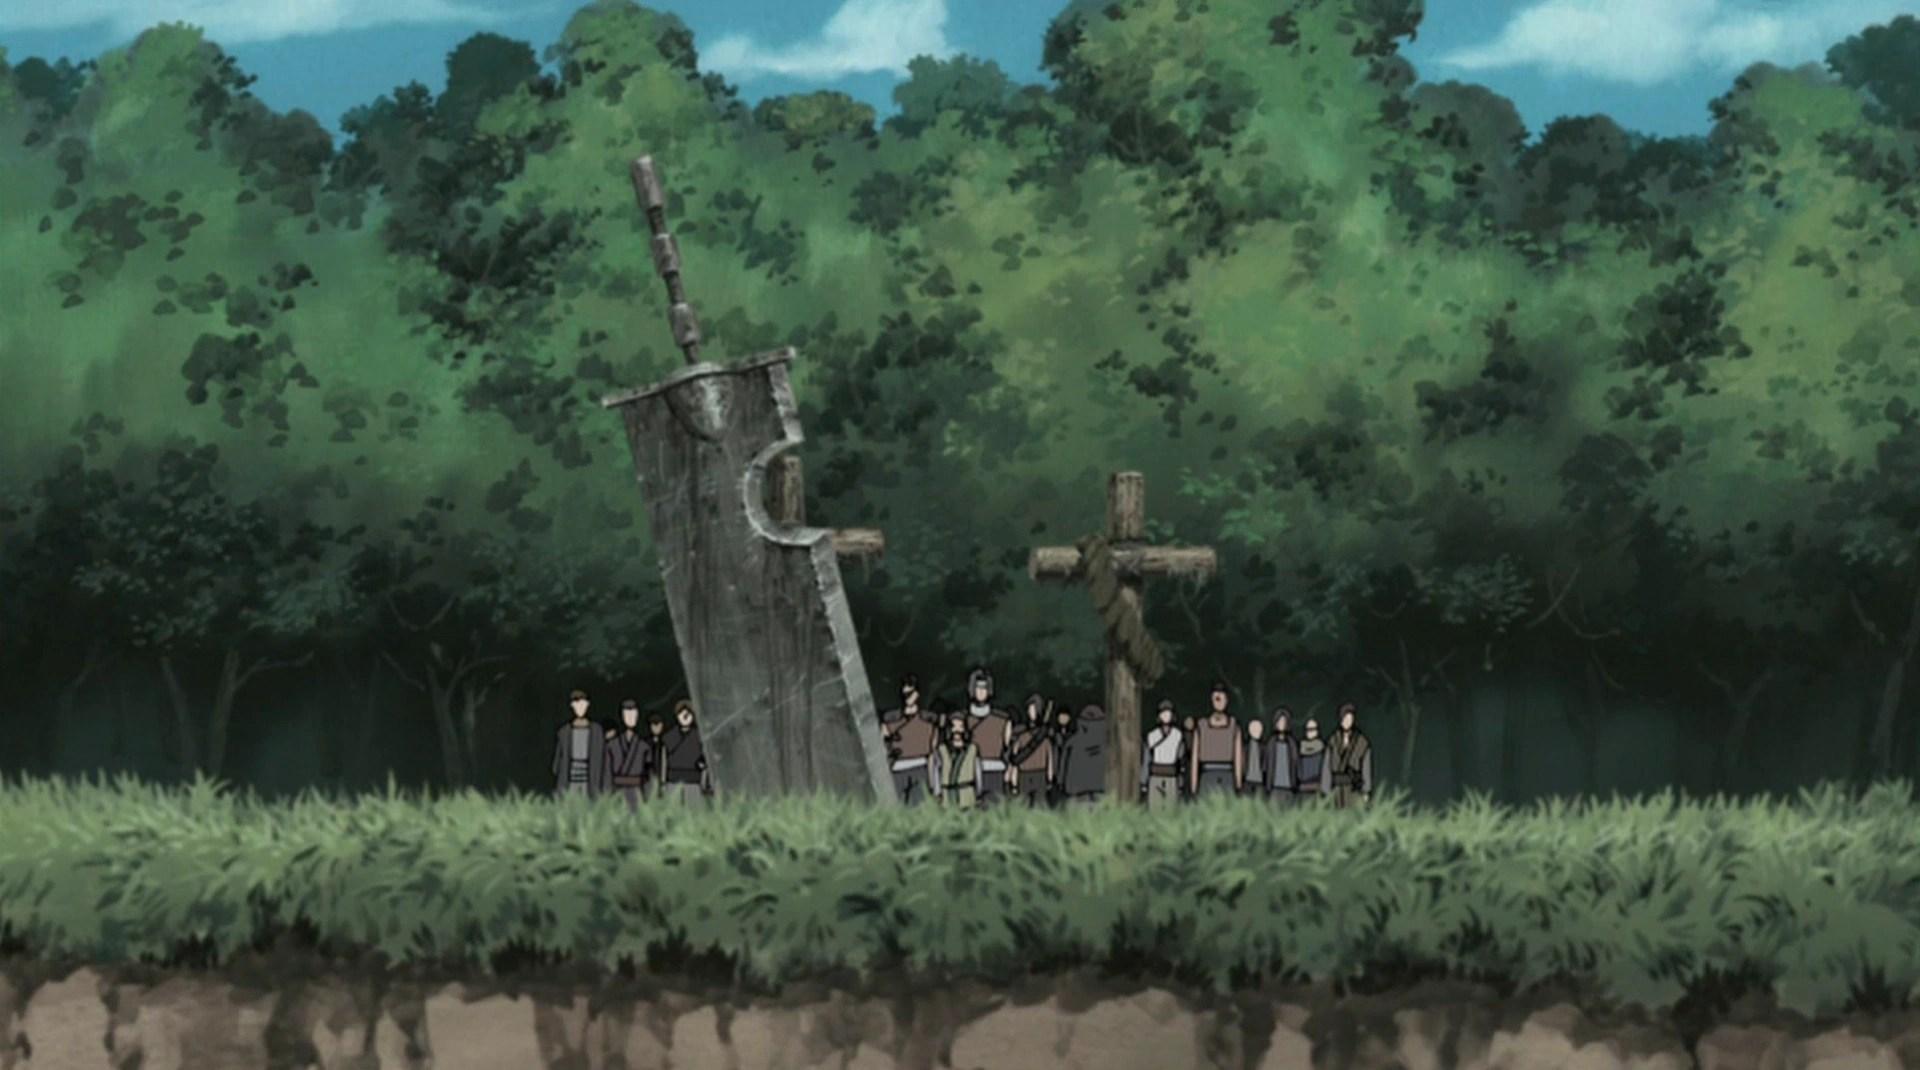 Madara Quotes Wallpaper Zabuza And Haku S Grave Narutopedia Fandom Powered By